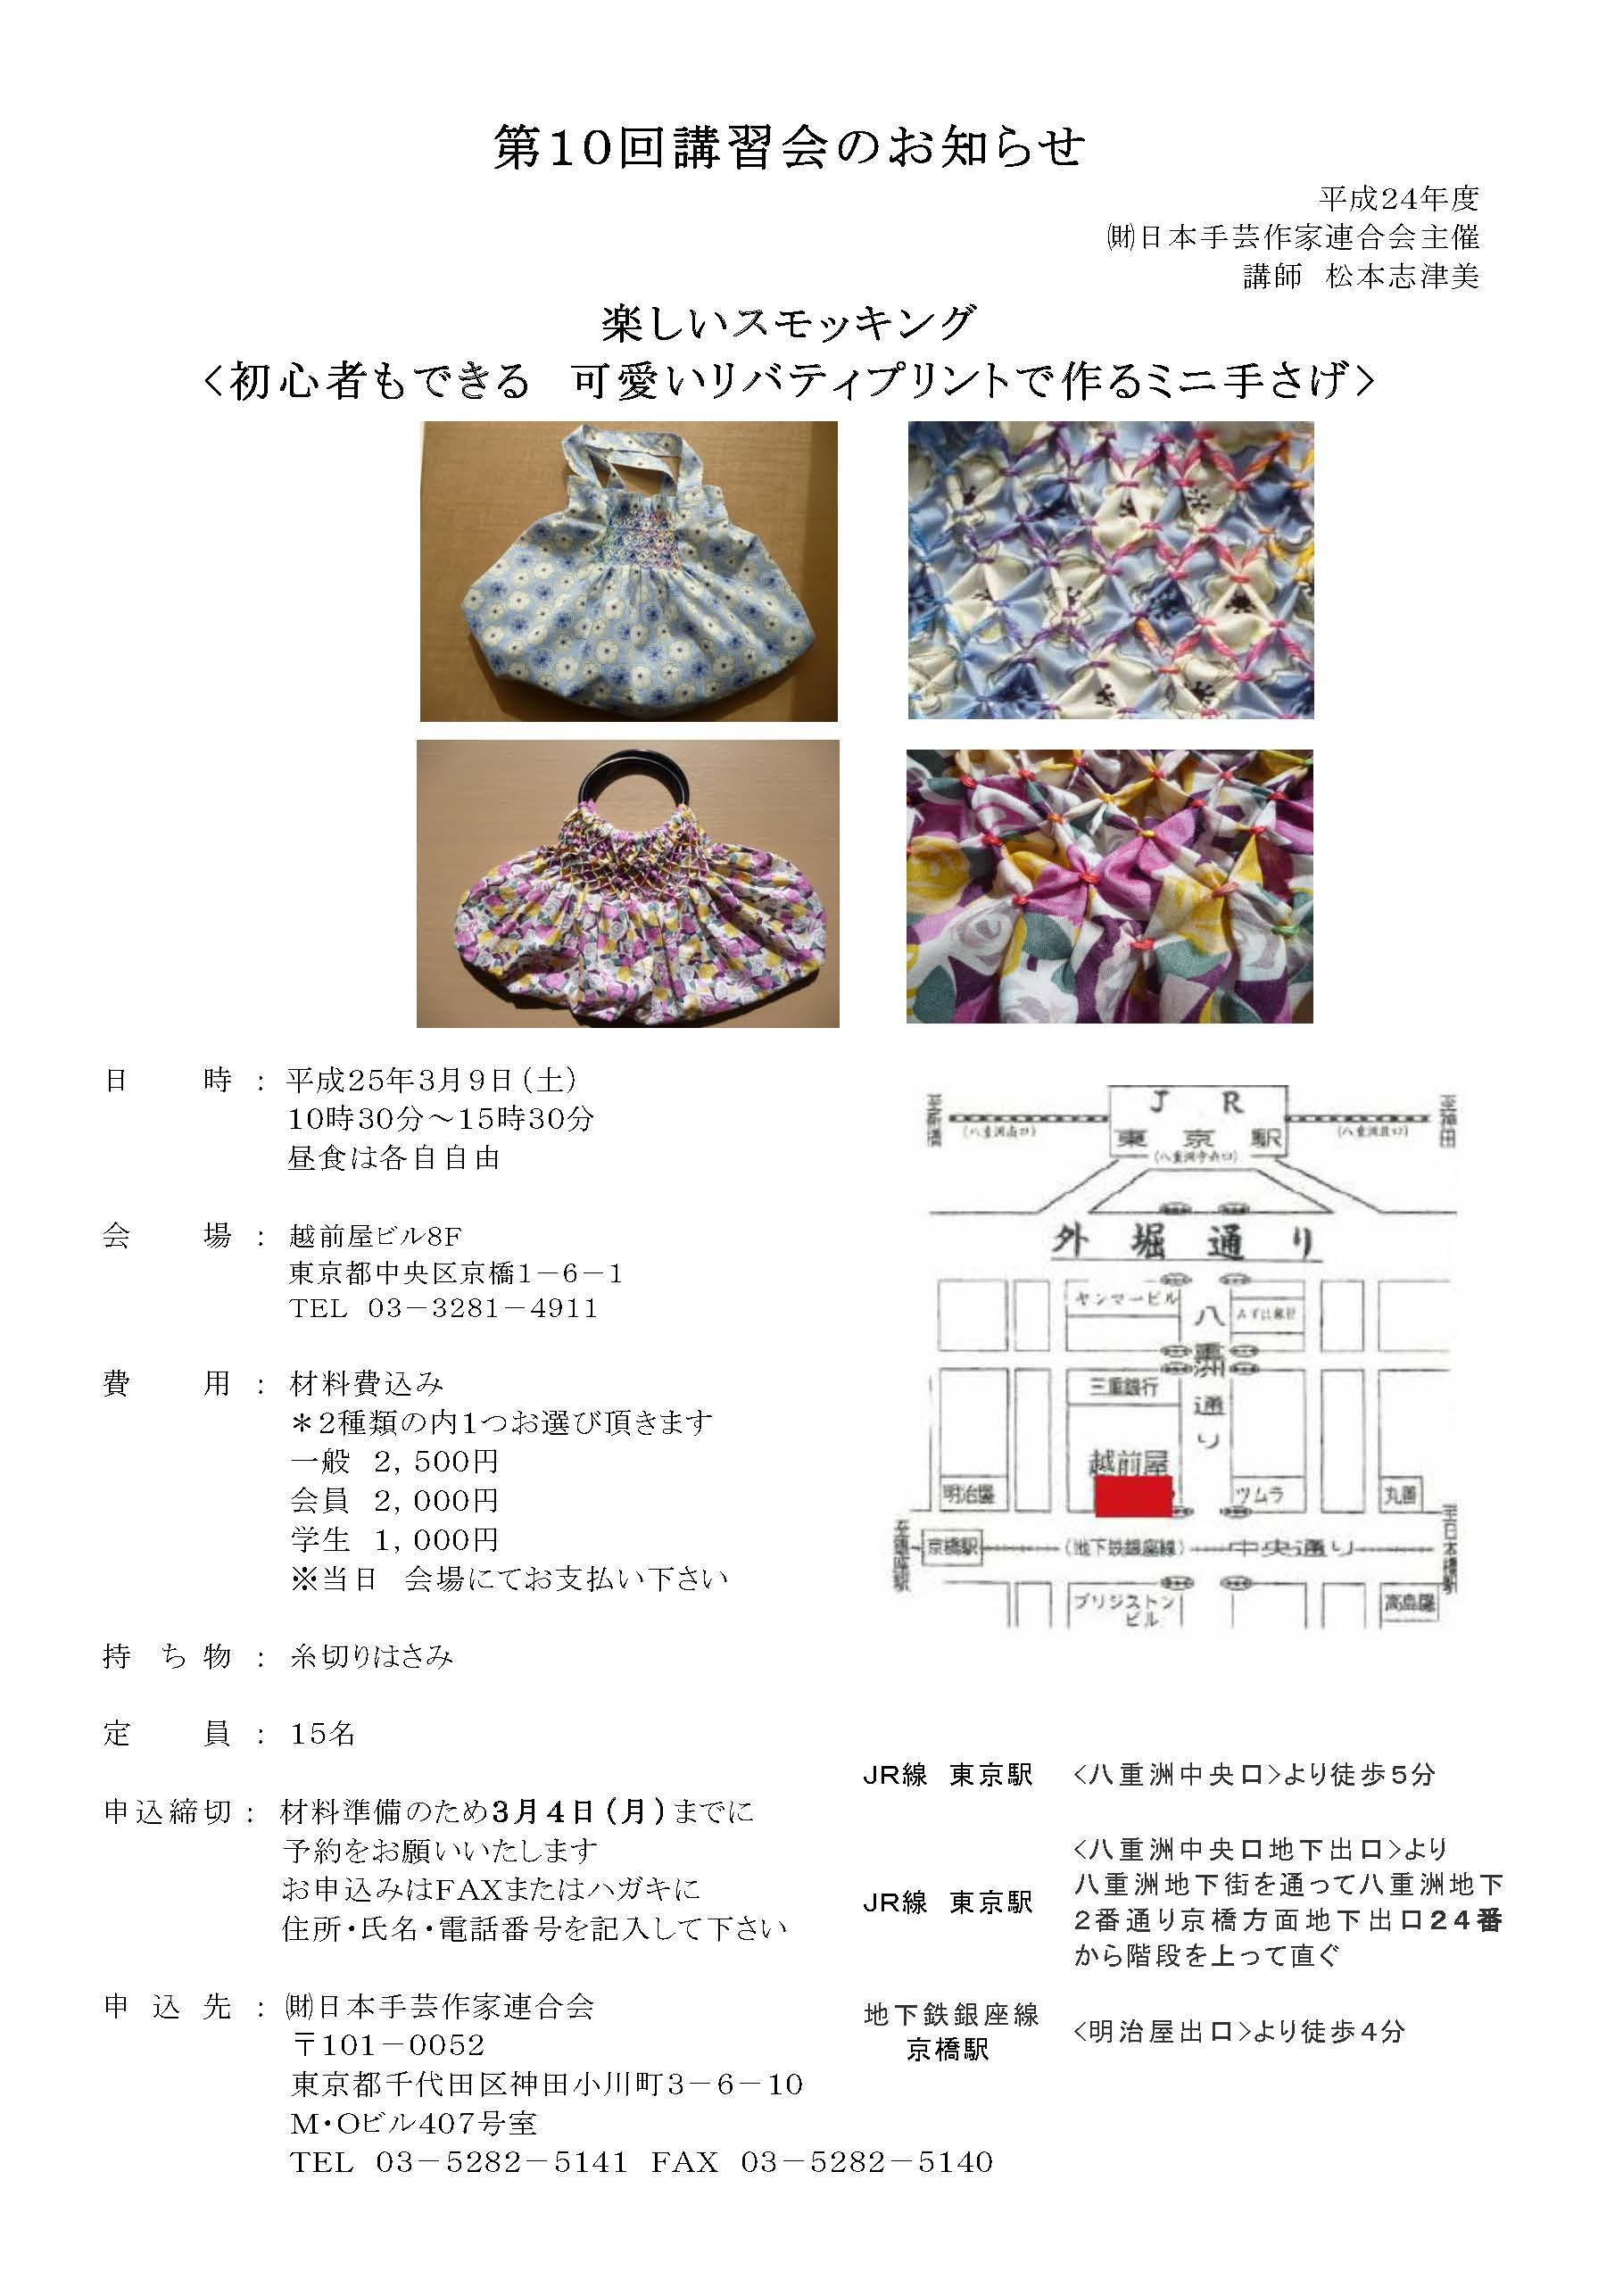 kousyukai-20130309